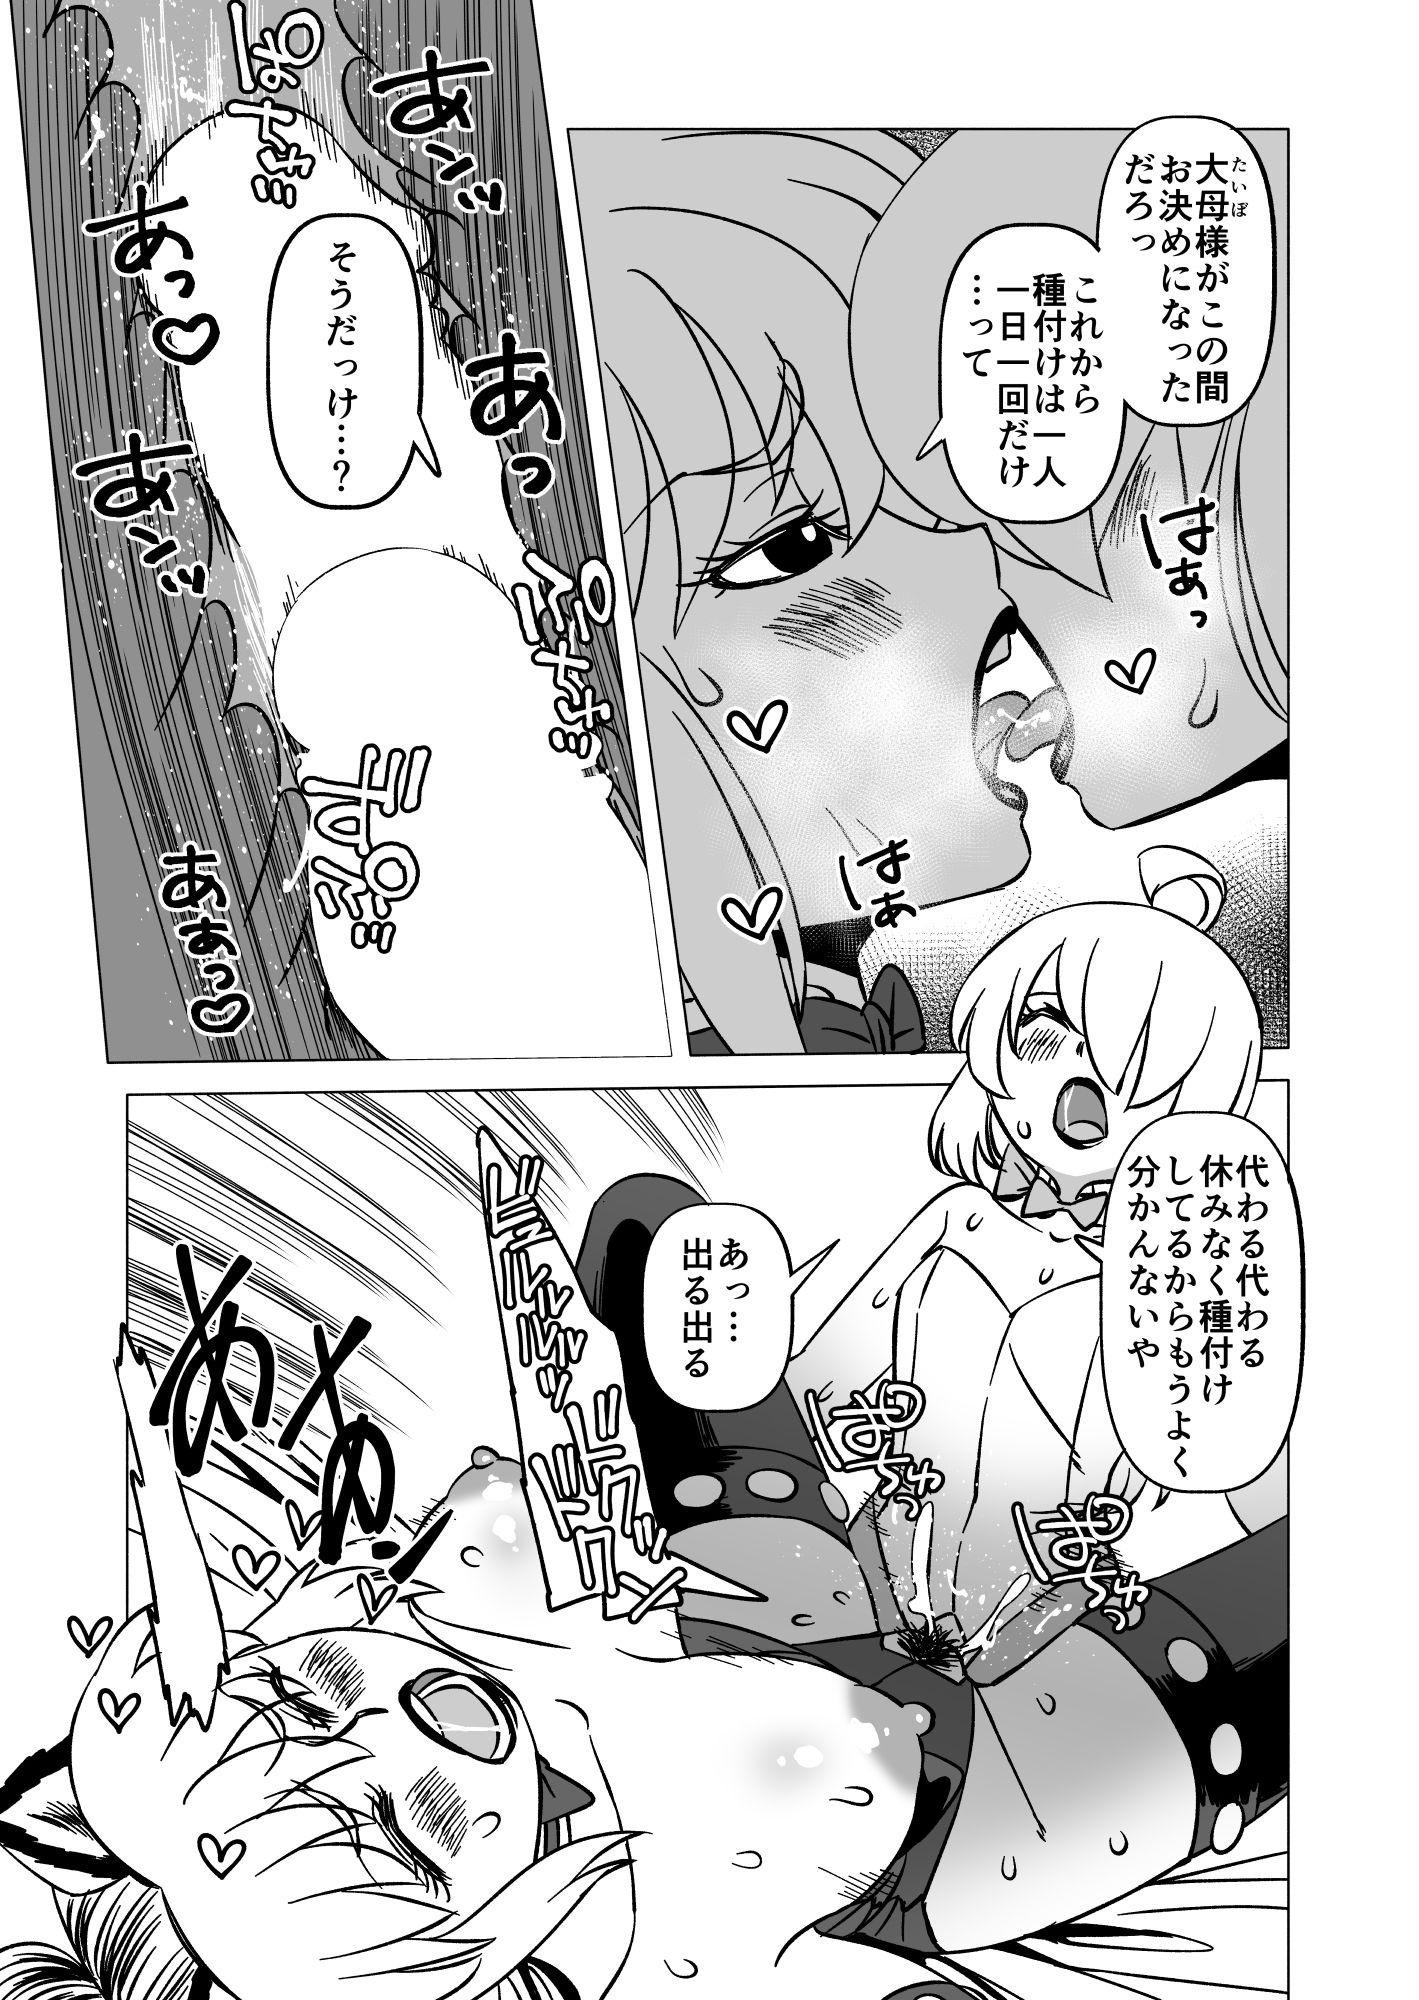 魔王様の繁殖記 3(松田シン) [d_174755] 5